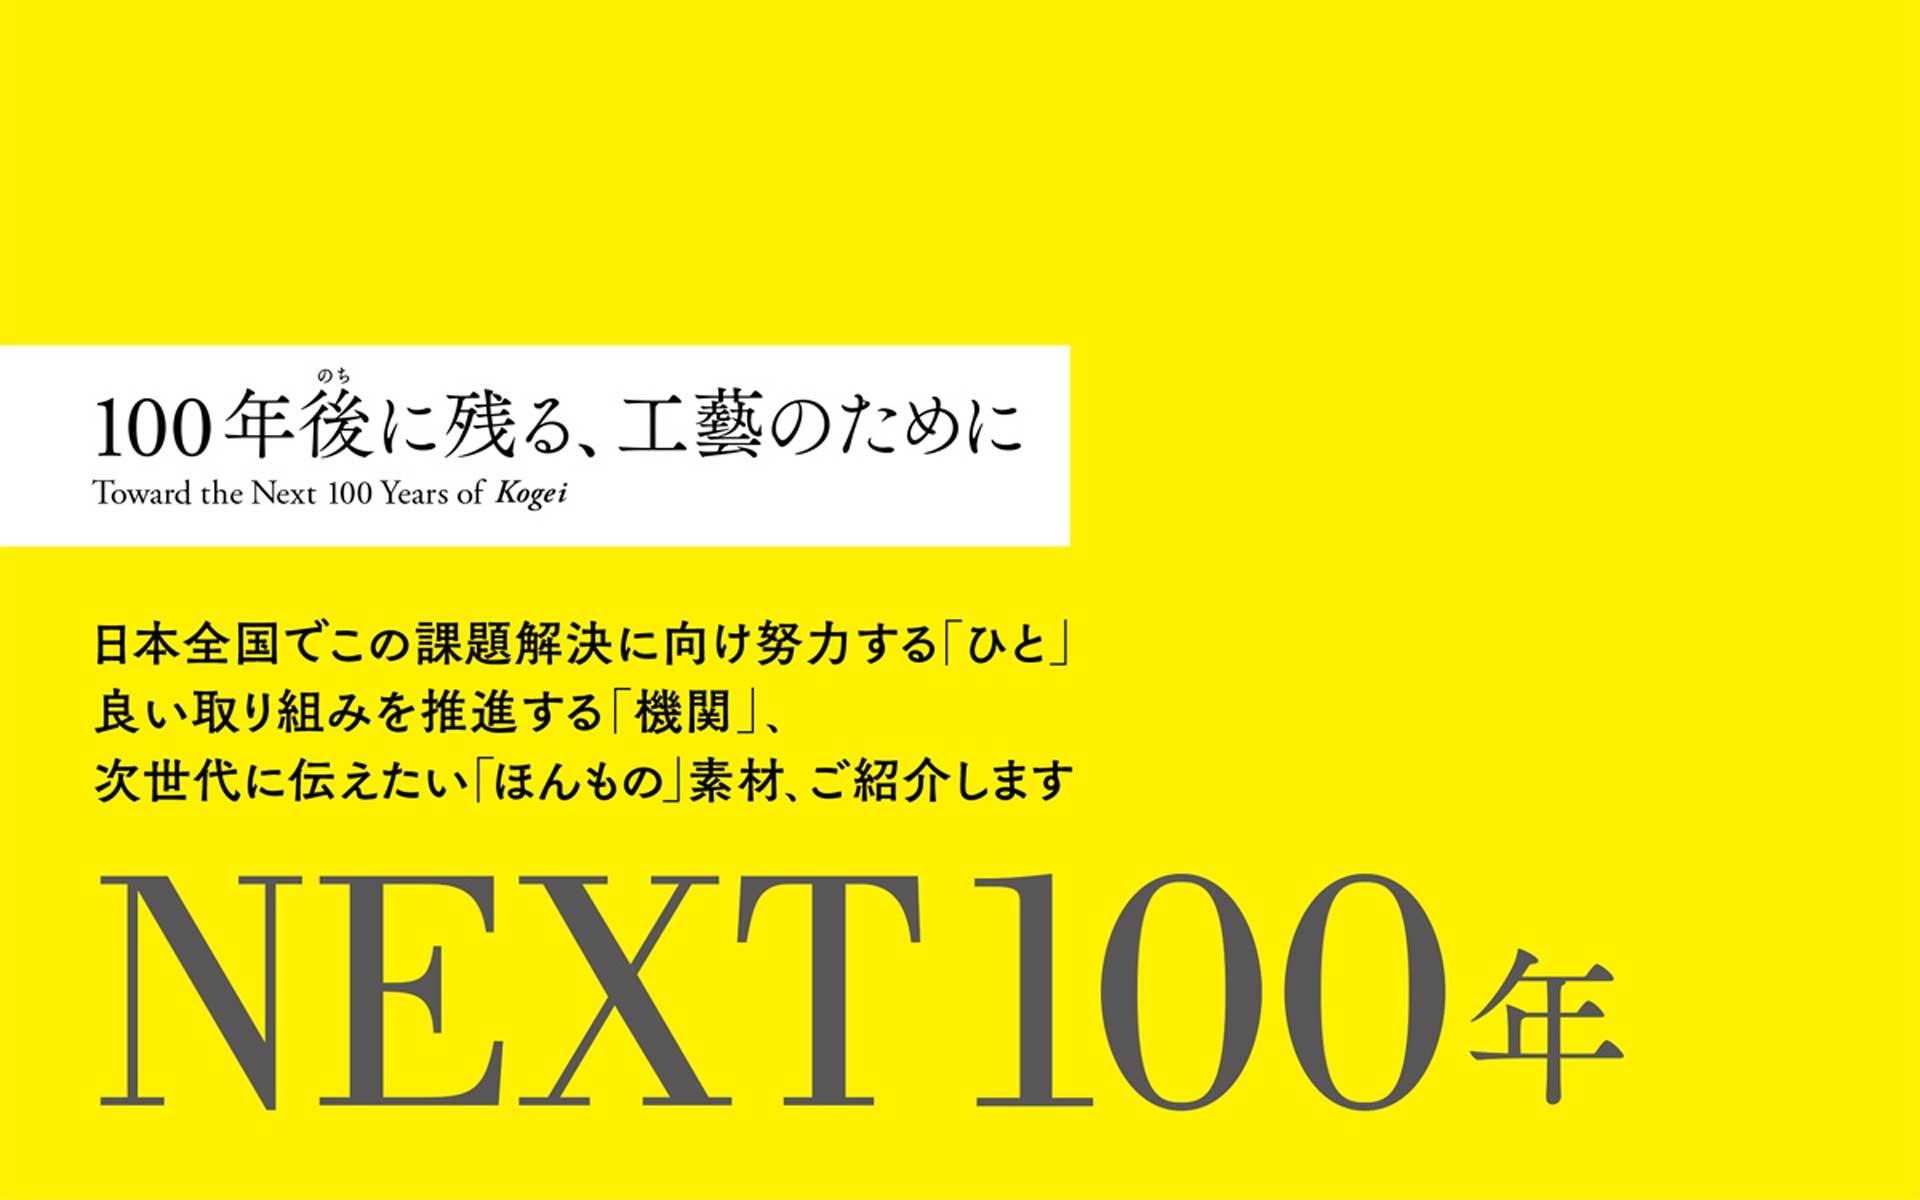 100年後の工芸のために。絶滅危惧の素材と道具 「NEXT100年」